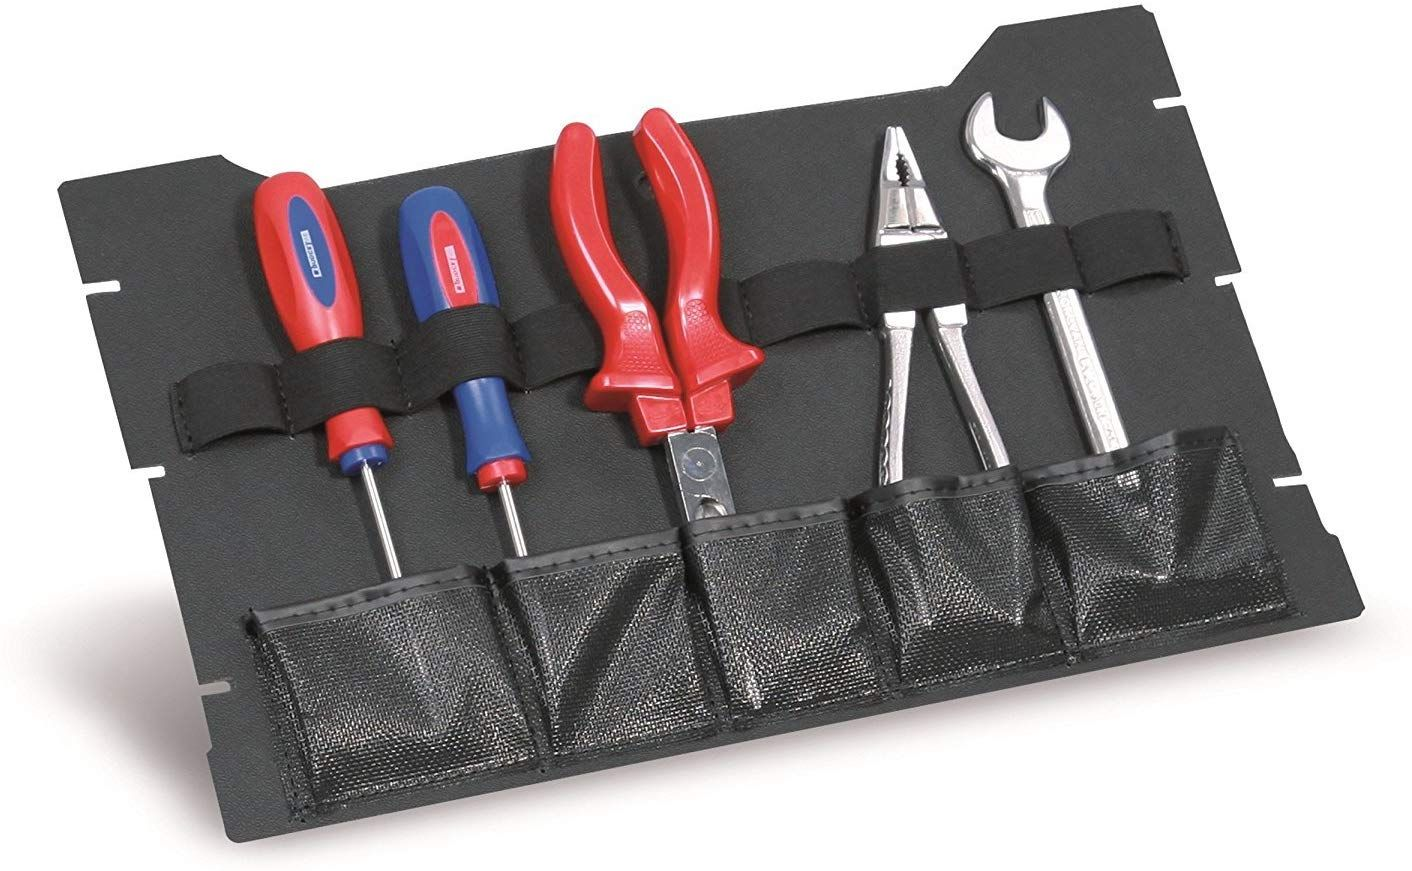 Tanos Werkzeugdeckel Fur T Loc I Bis V Einteilig Amazon De Baumarkt Werkzeug Deckel Handwerkzeug